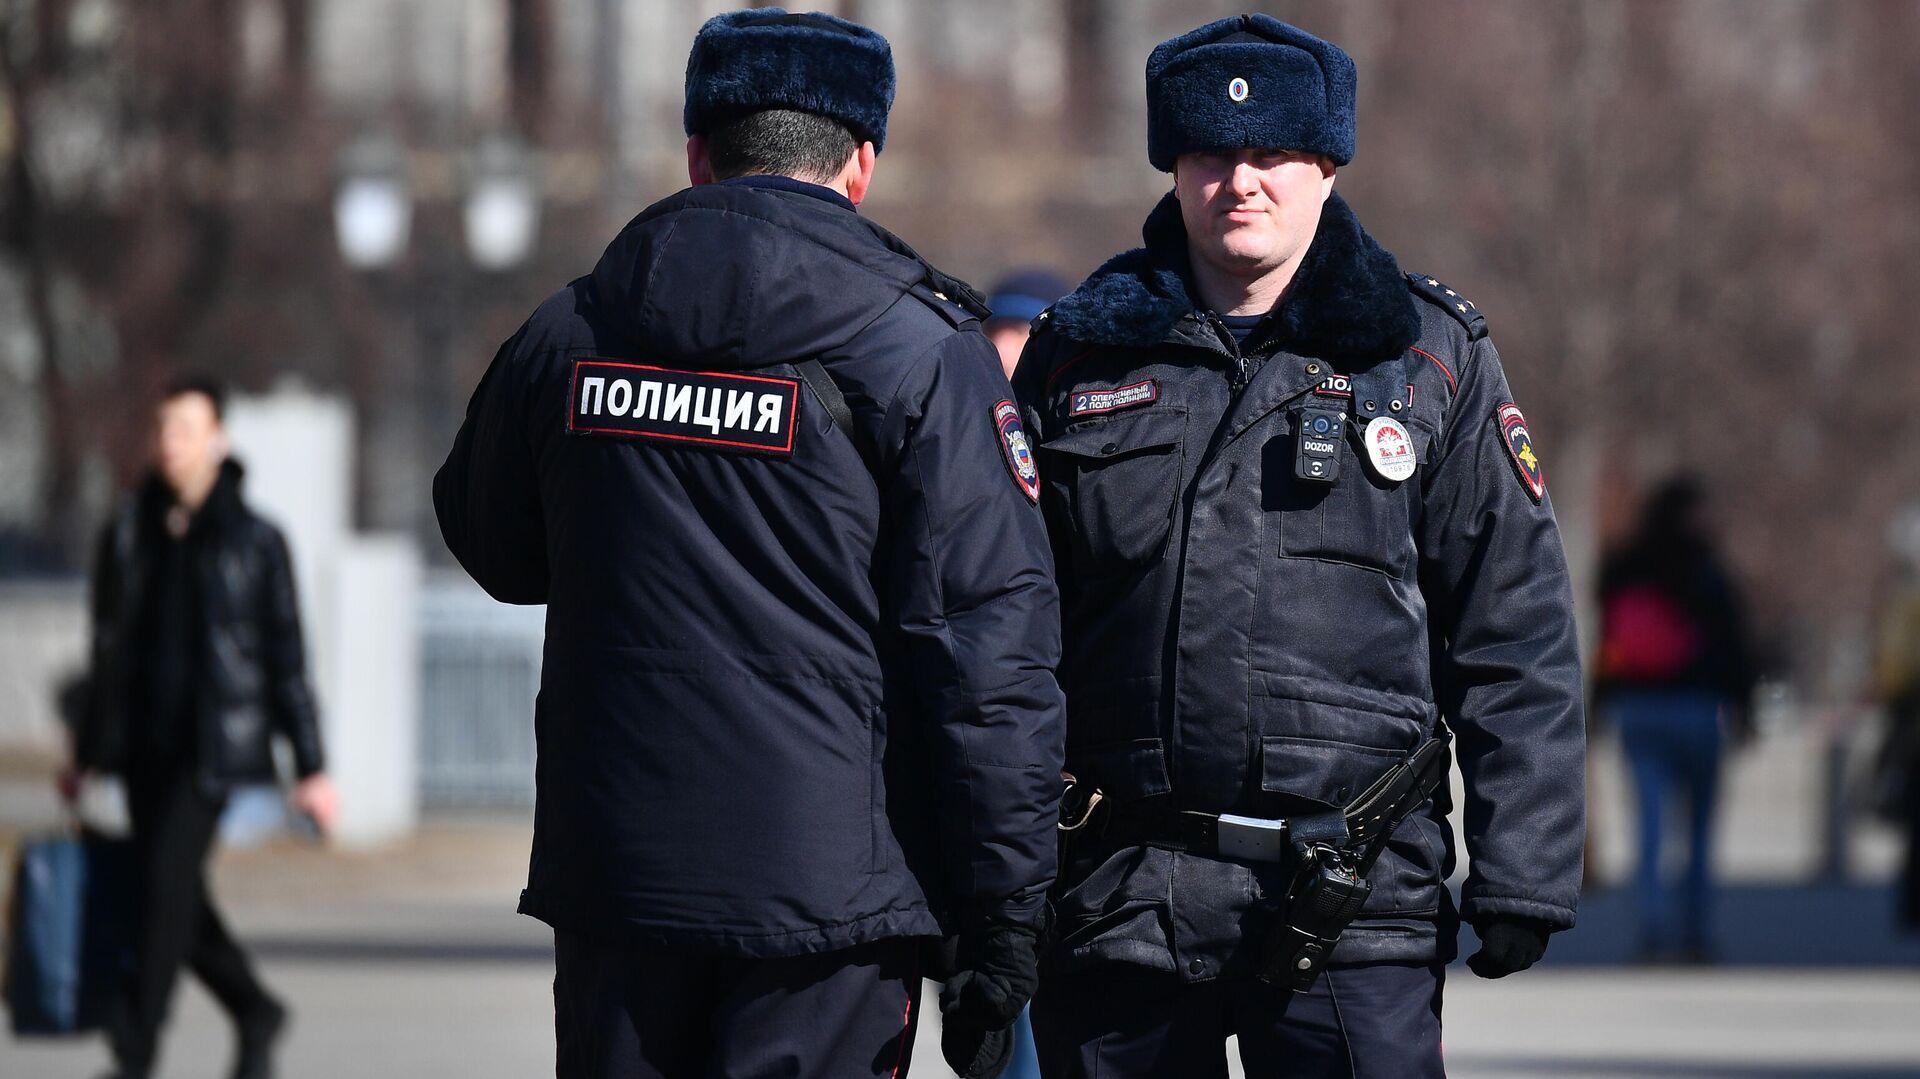 В Москве мужчина попытался ограбить банк